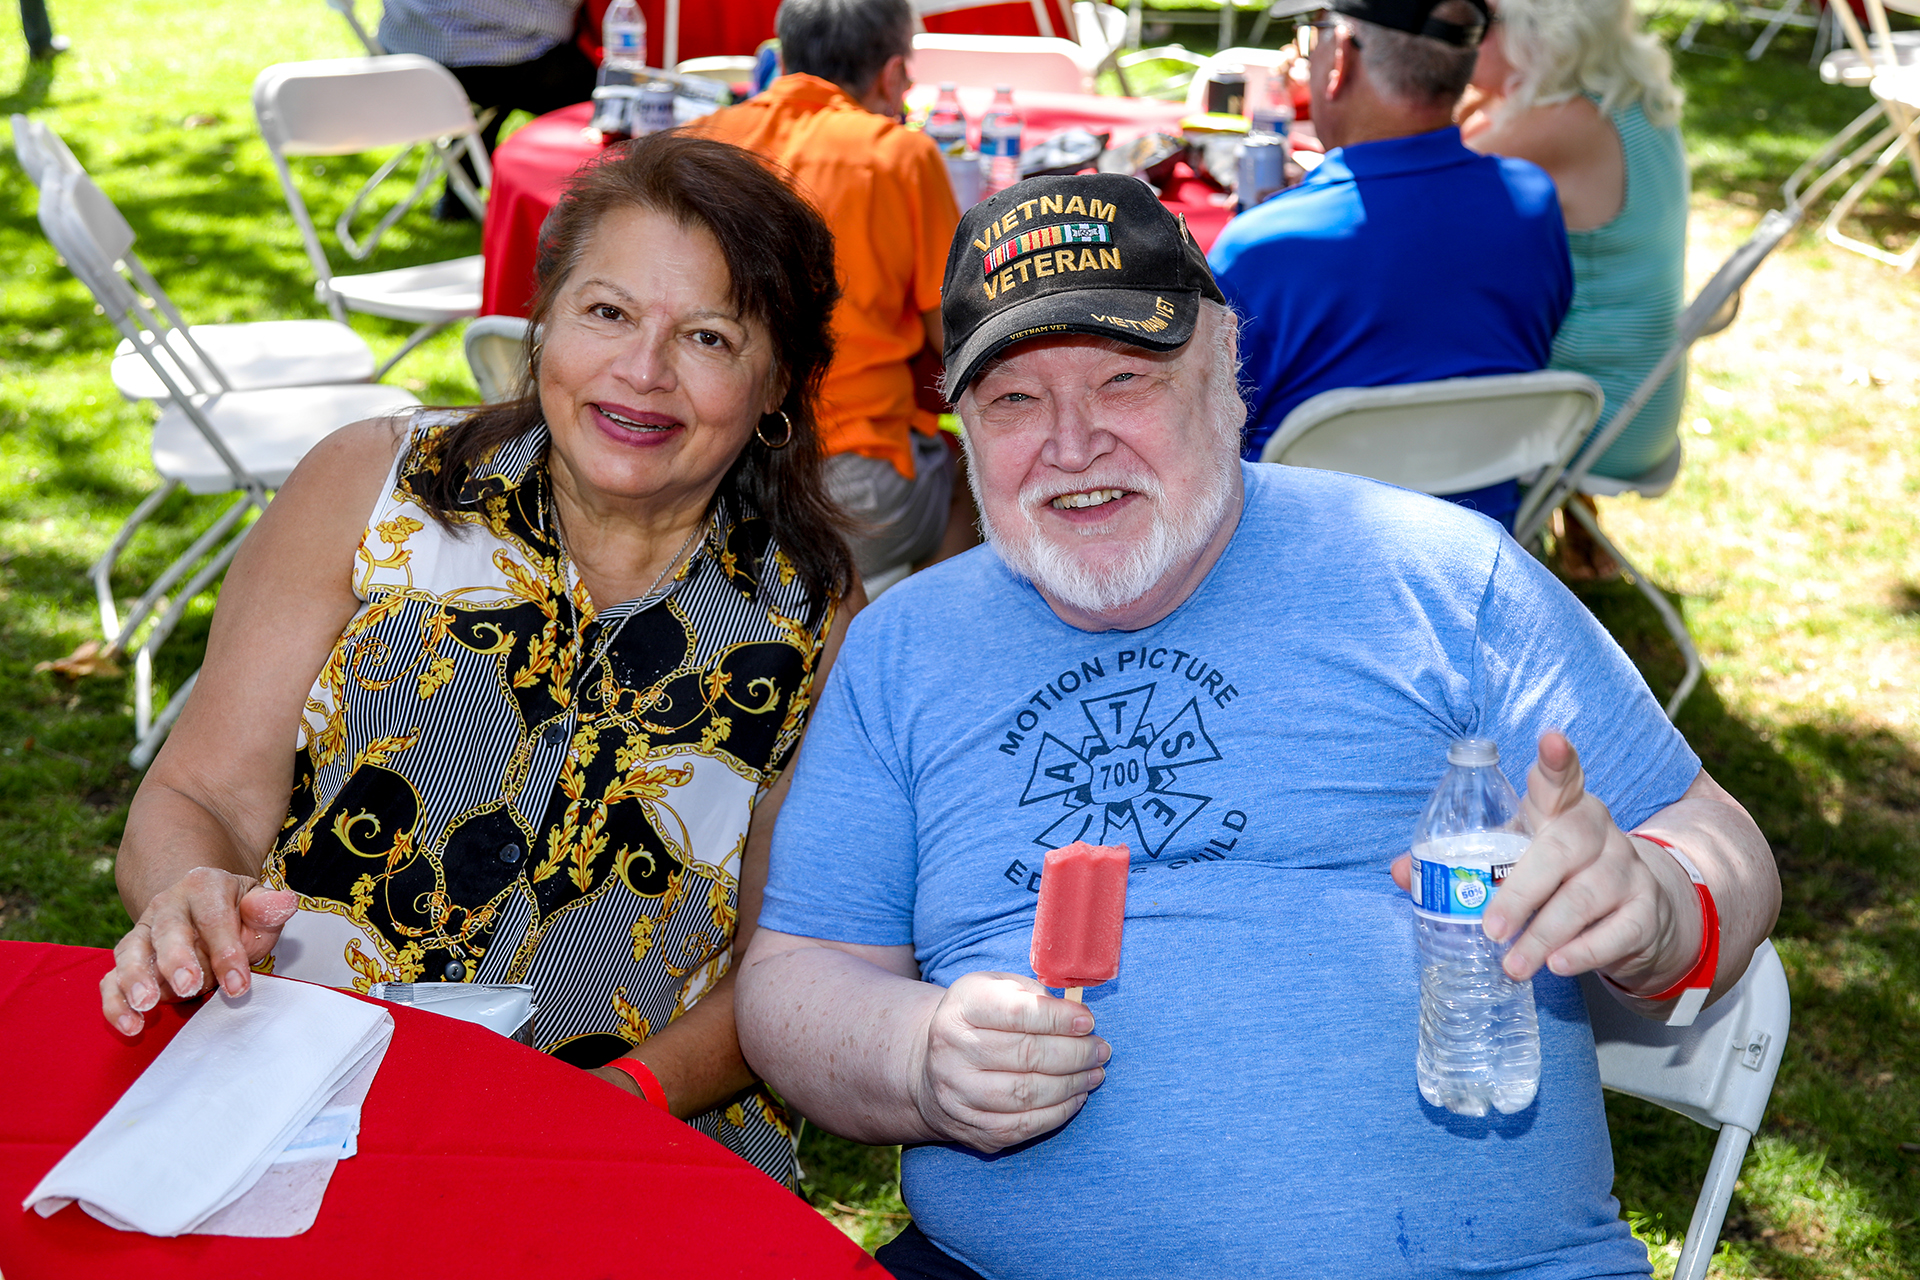 Kathleen and Dennis Bajgrowicz